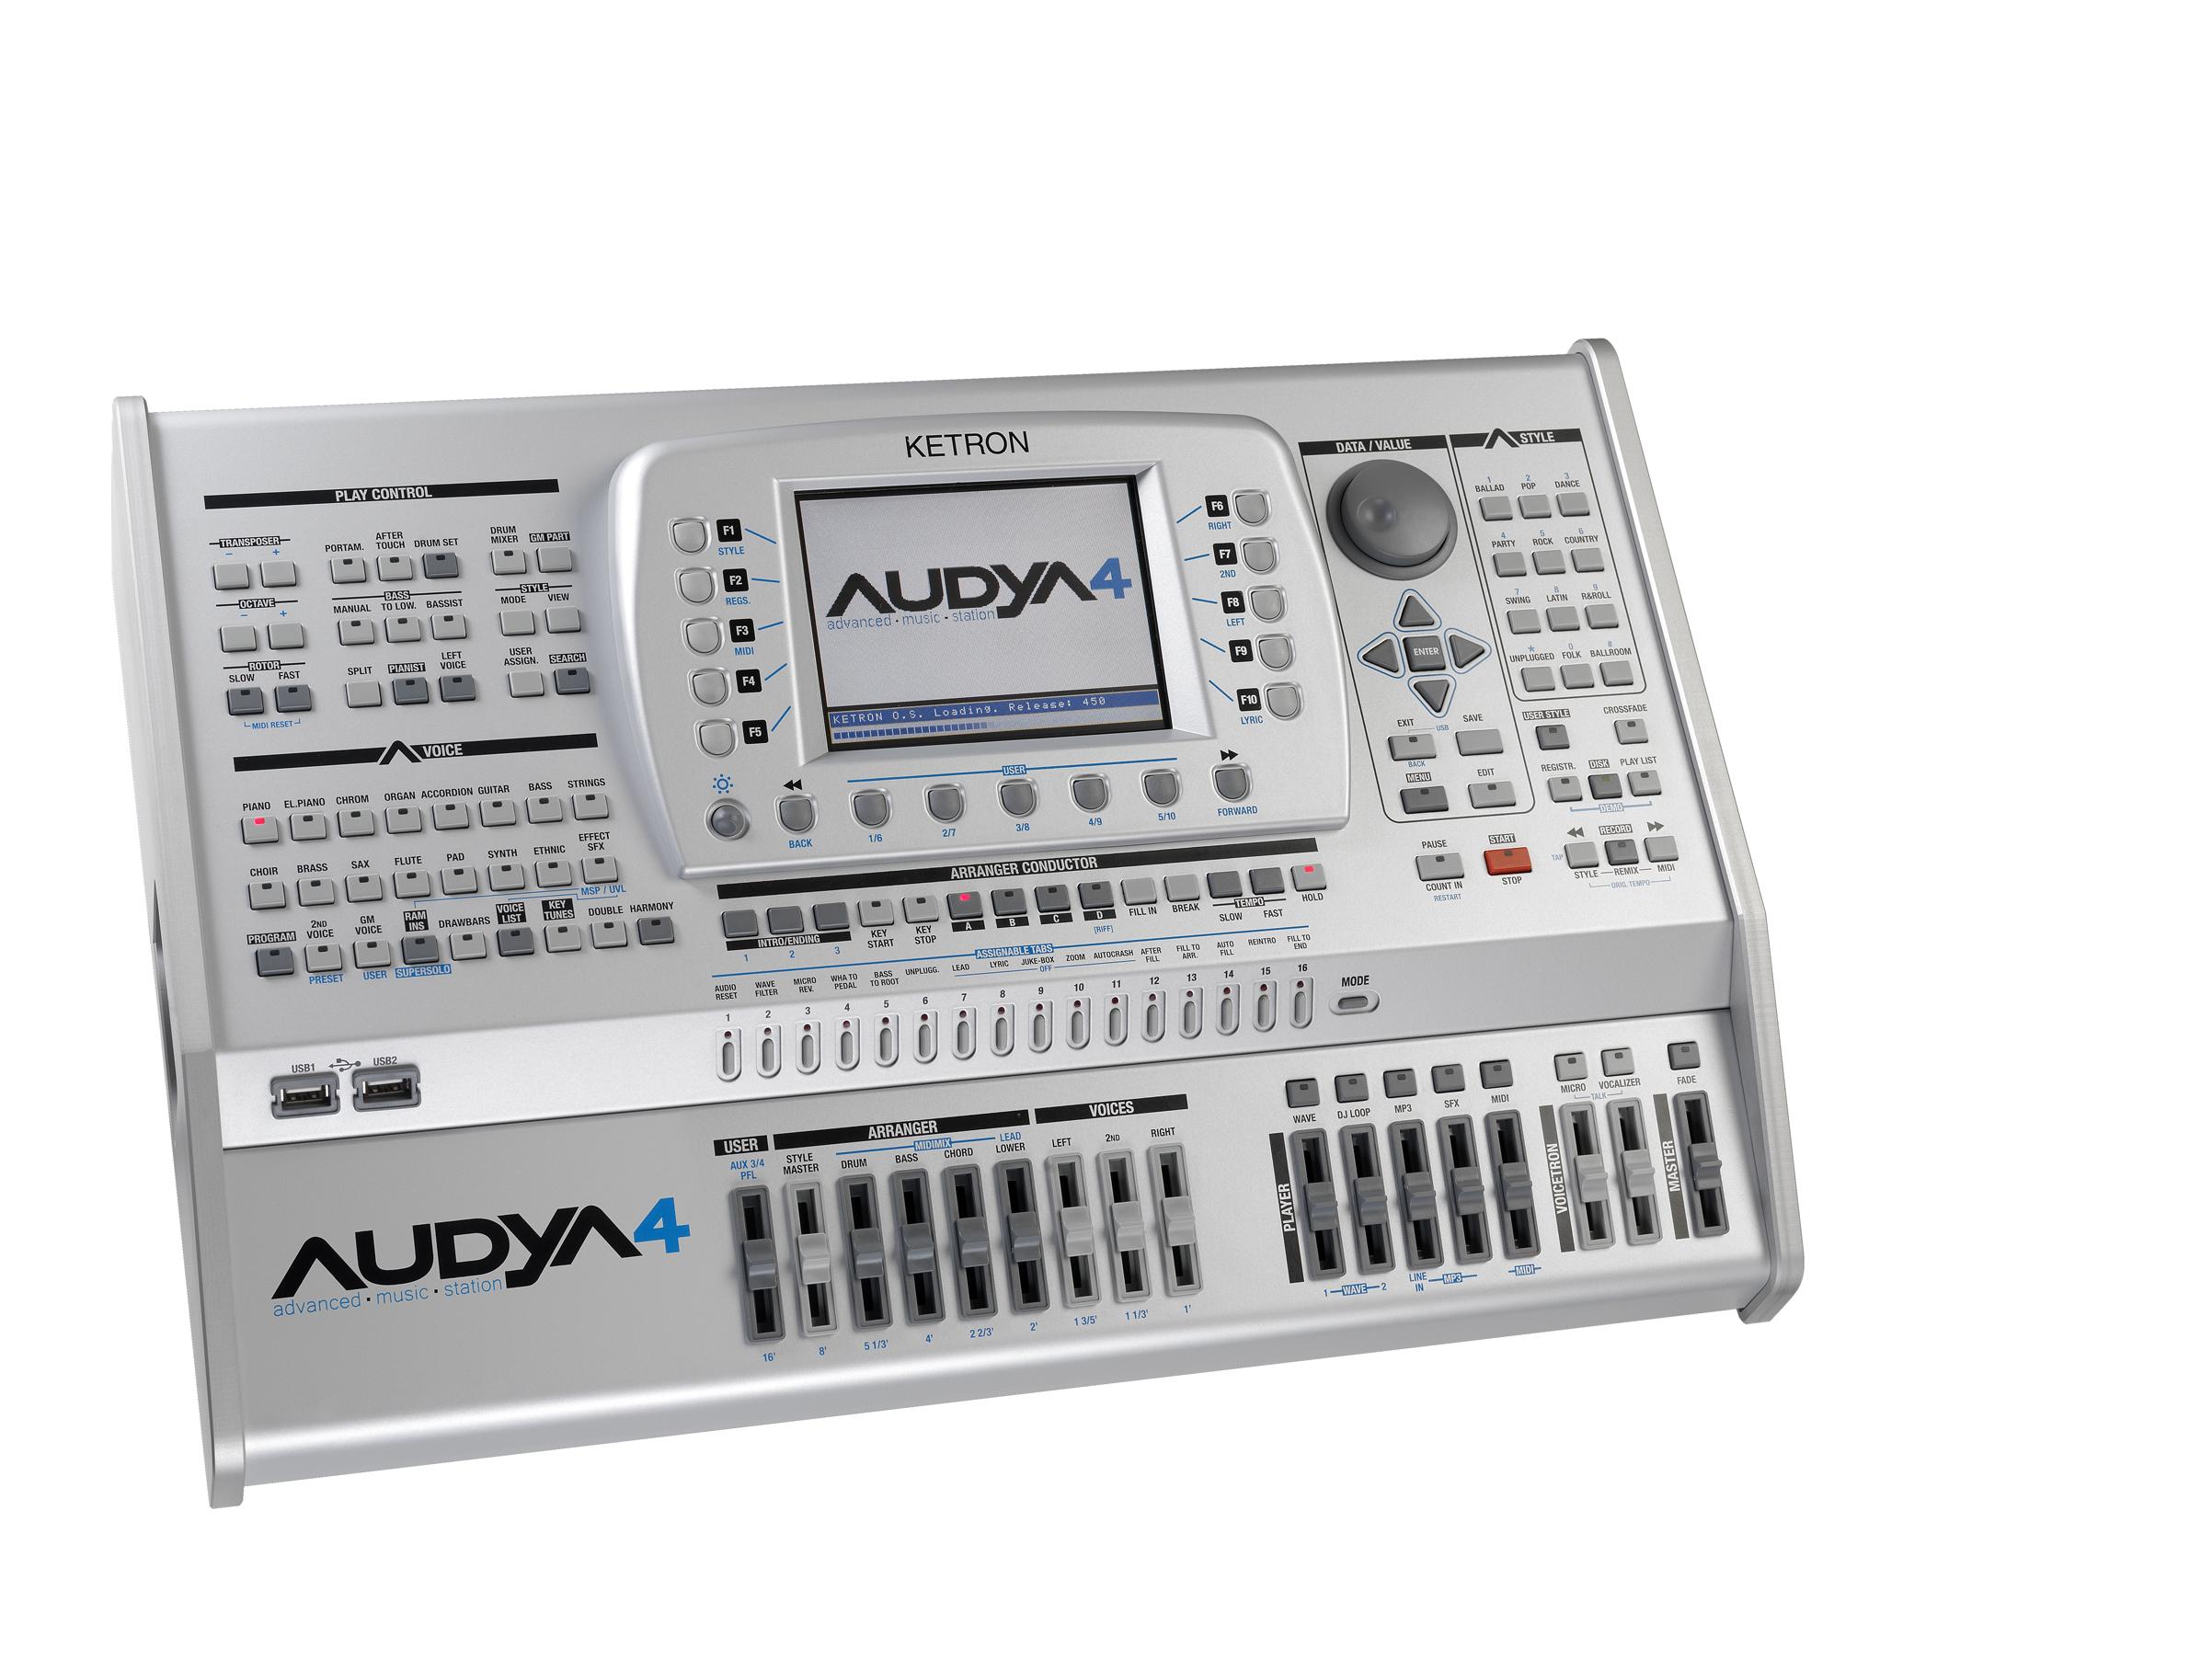 ketron audya 4 arranger module. Black Bedroom Furniture Sets. Home Design Ideas